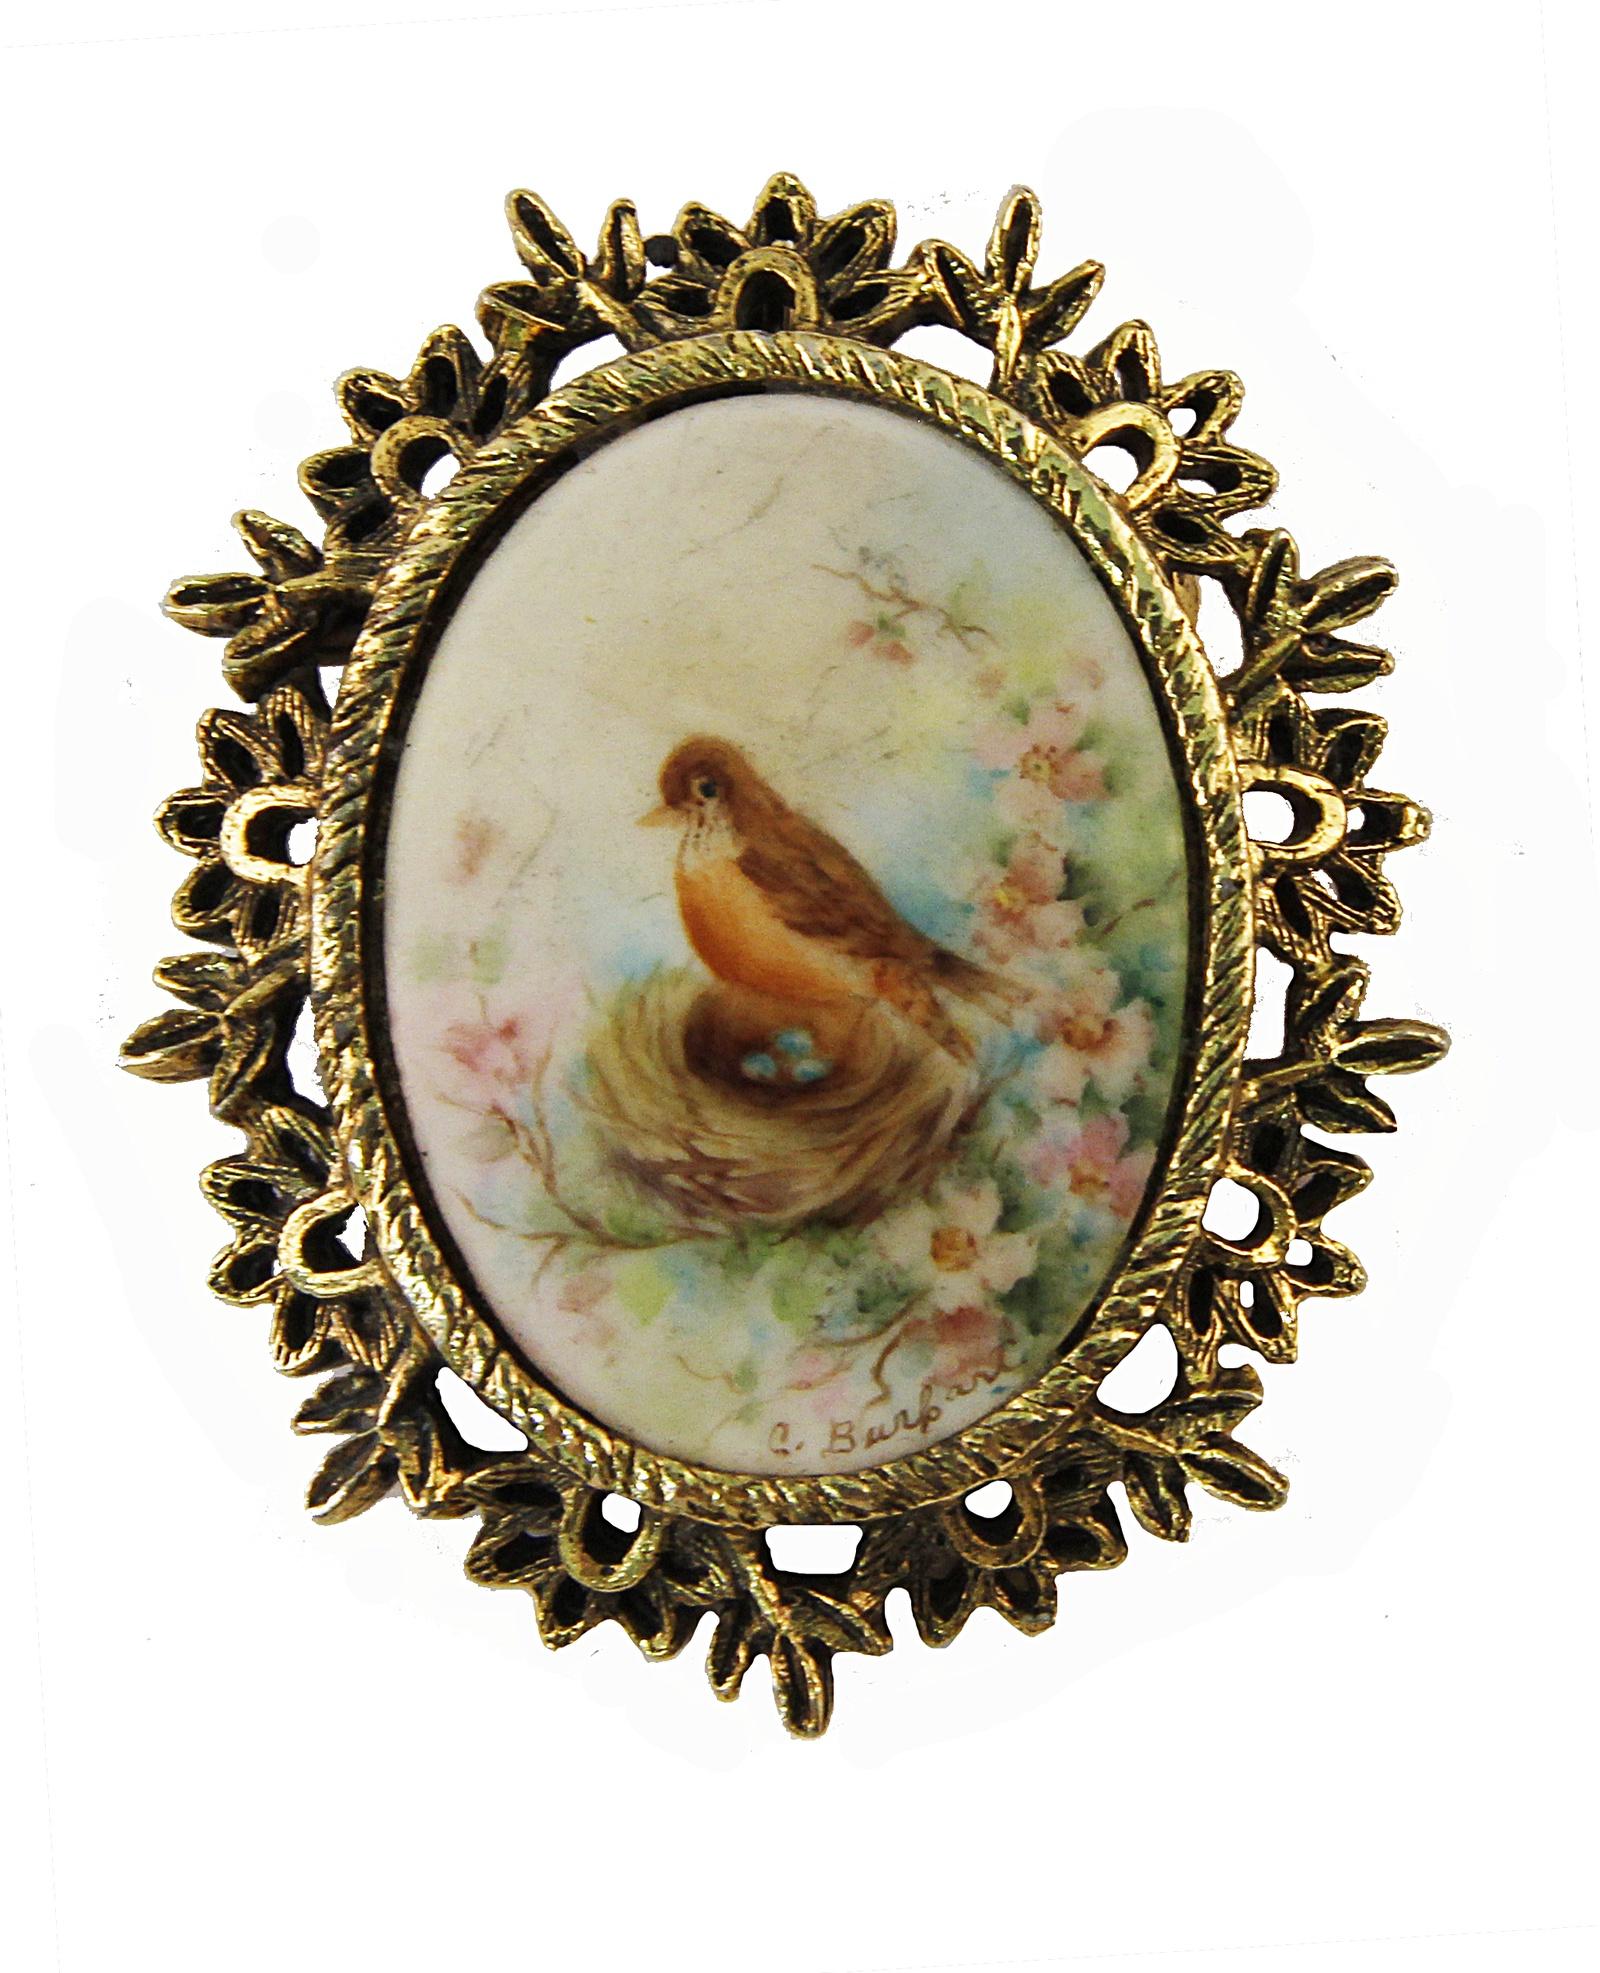 Брошь Птица счастья. Бижутерный сплав, фарфор, роспись. Франция, конец ХХ века. брошь птица